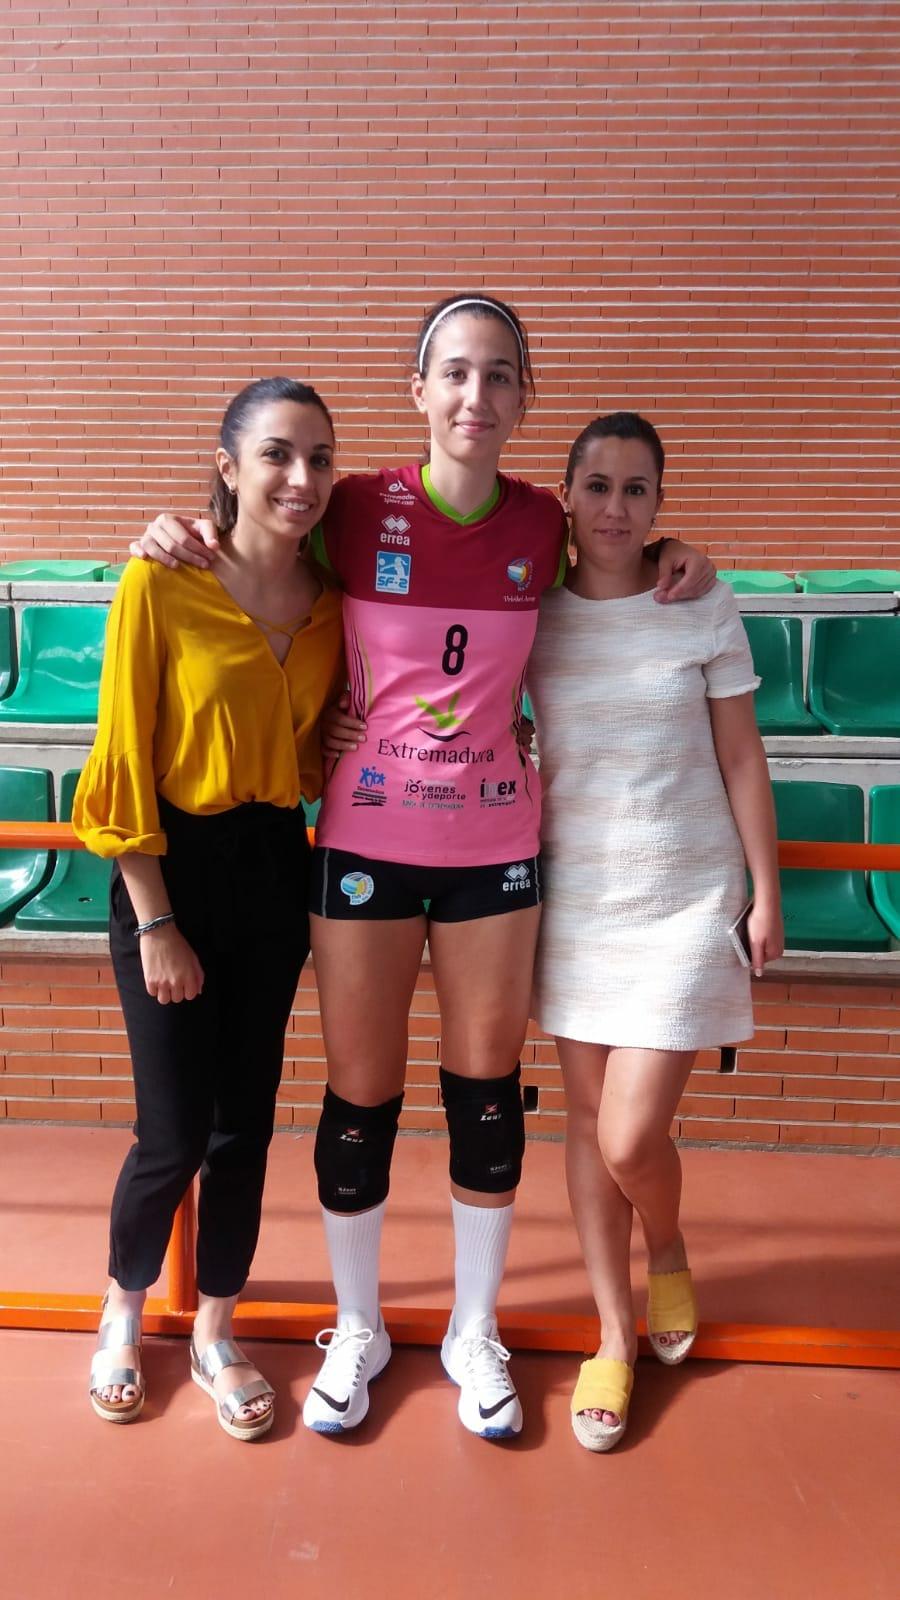 El Extremadura Arroyo prosigue su mejora, se adjudica el XI Torneo Ibérico 'Mujeres' y espera el inminente debú liguero en Leganés